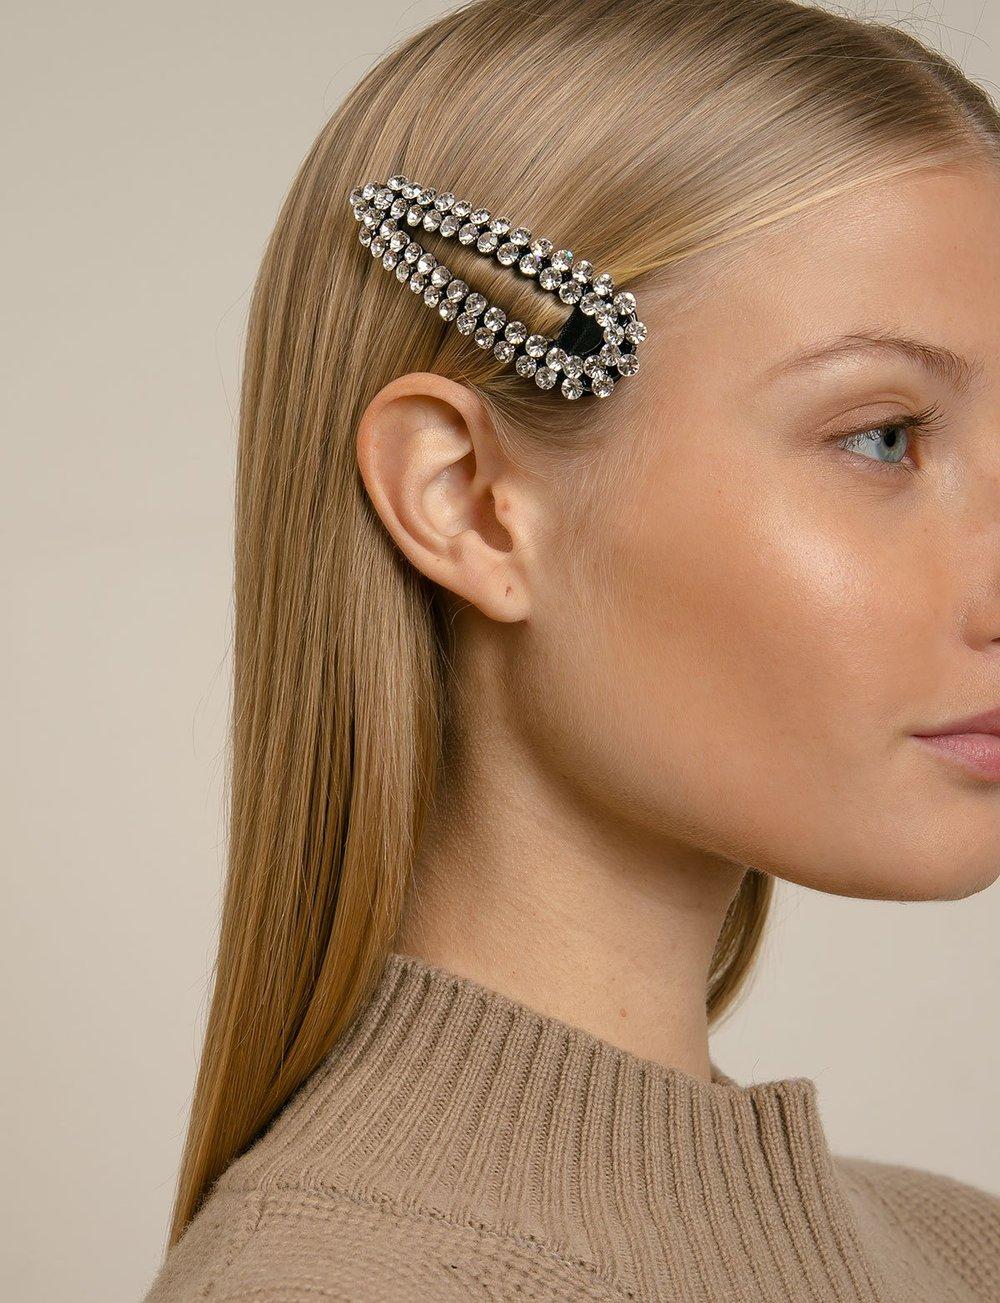 Diamond Hair Barrette, $20